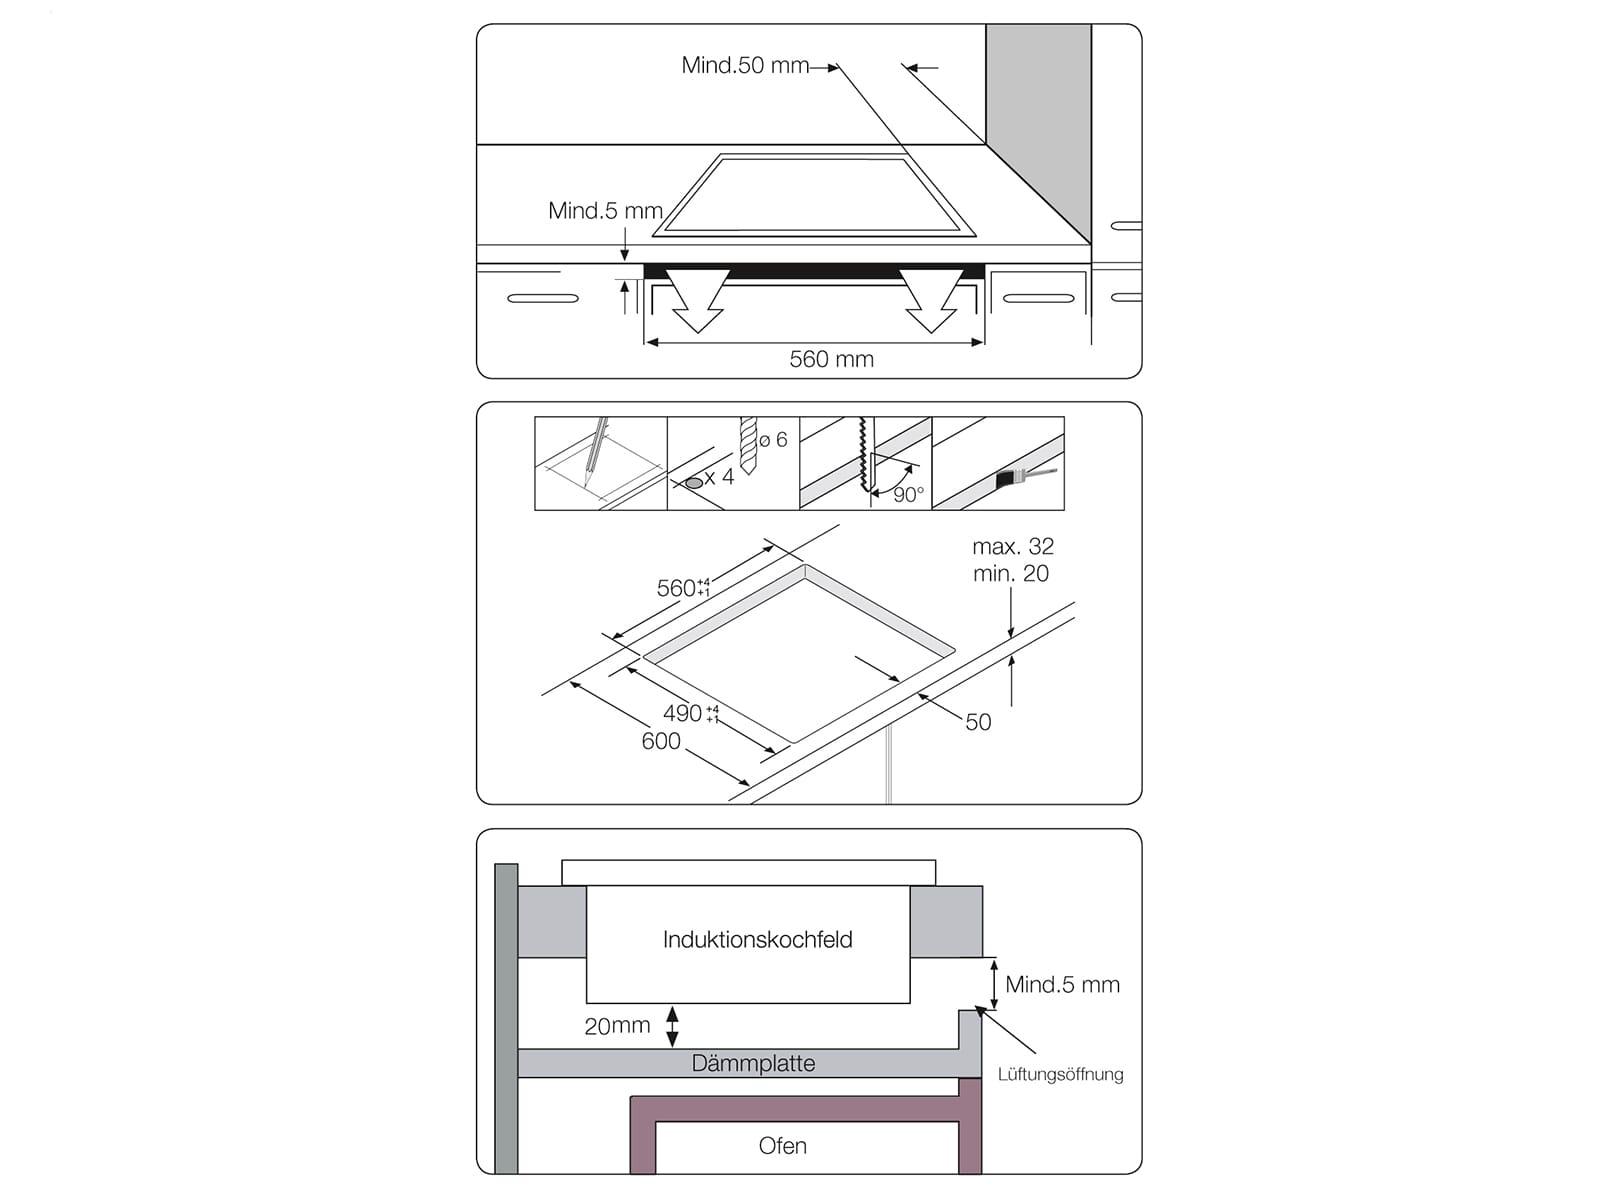 Samsung NZ64M3NM1BB/UR Induktionskochfeld autark